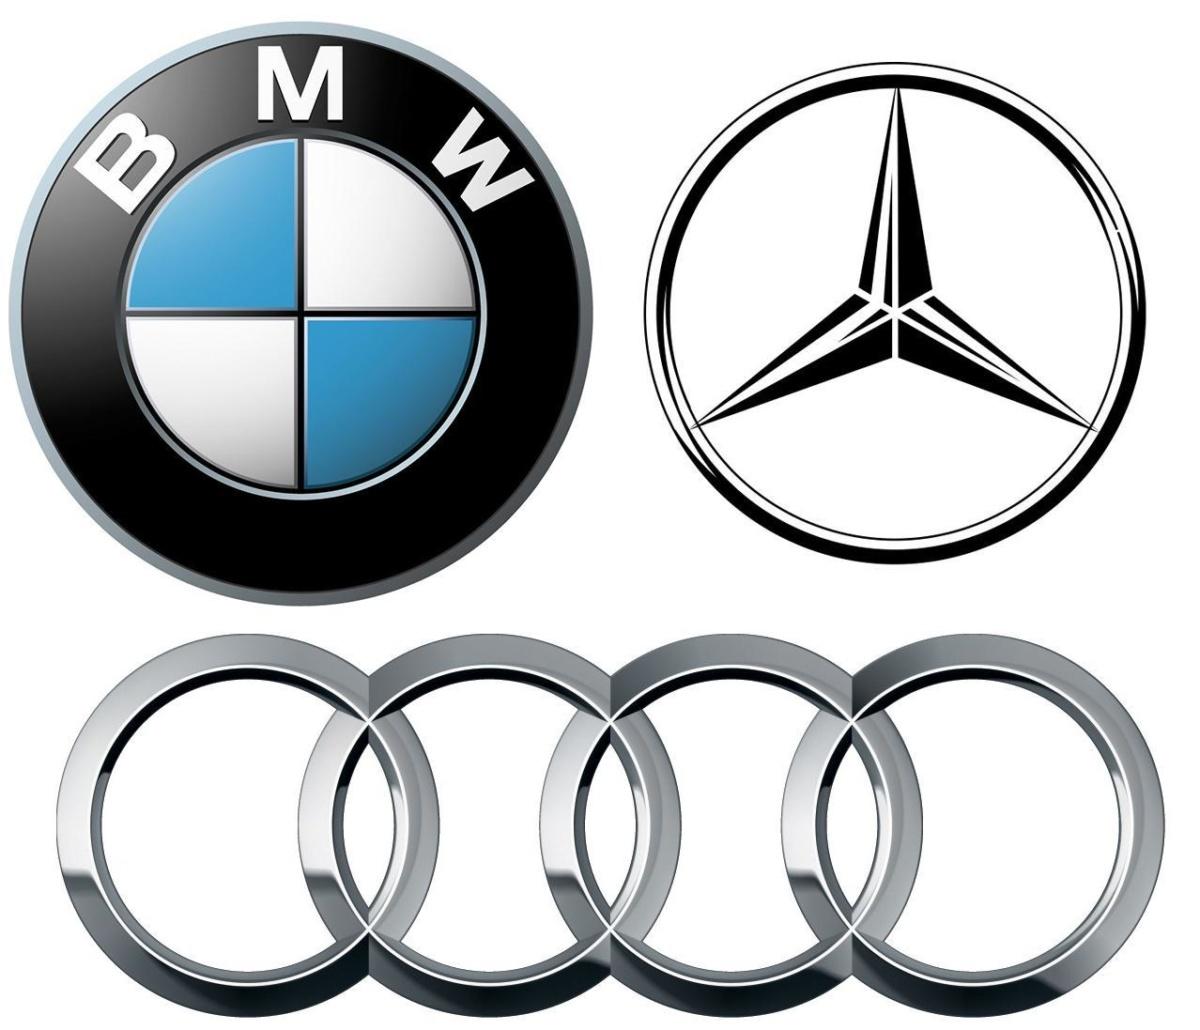 Автомобили каких брендов потребители считают самыми надежными - европейские бренды